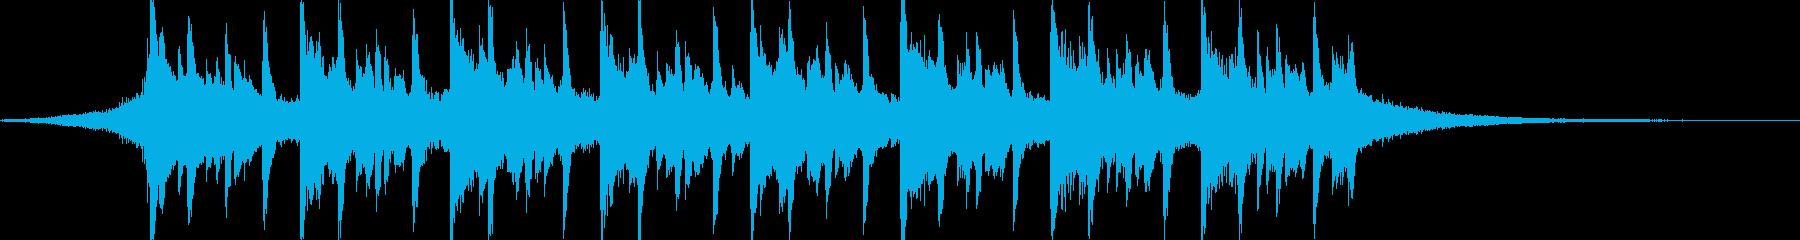 企業や映像/シンプル/4つ打ち/シンセaの再生済みの波形